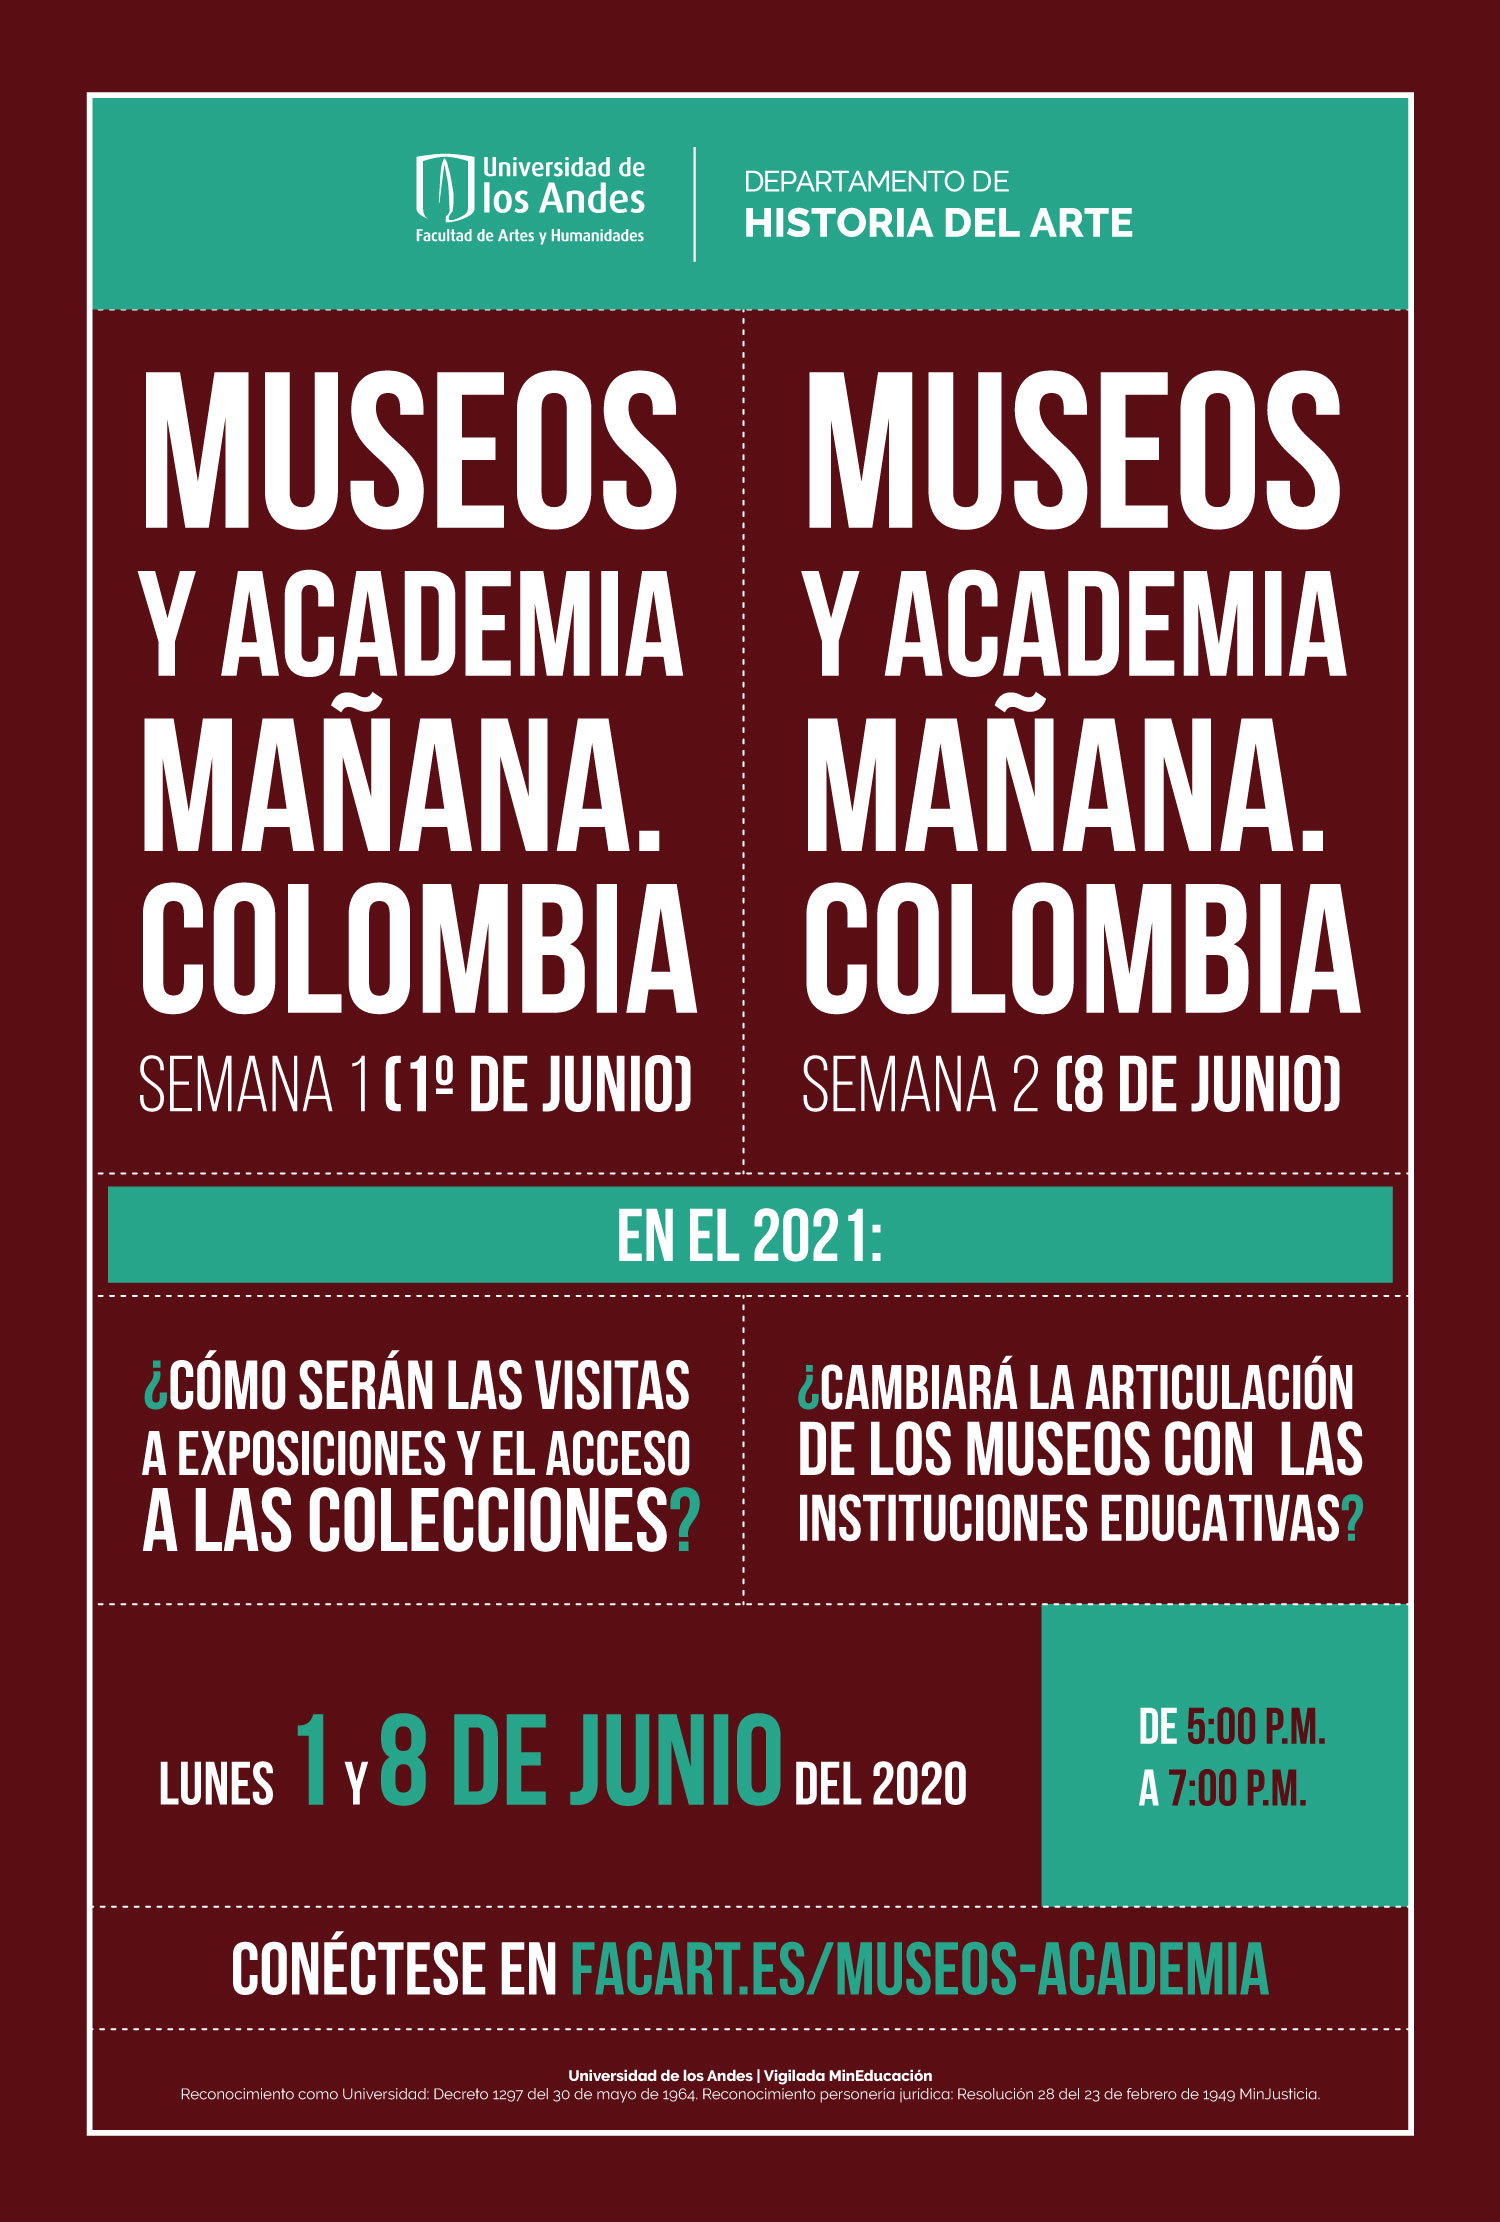 Museos y academía mañana Colombia